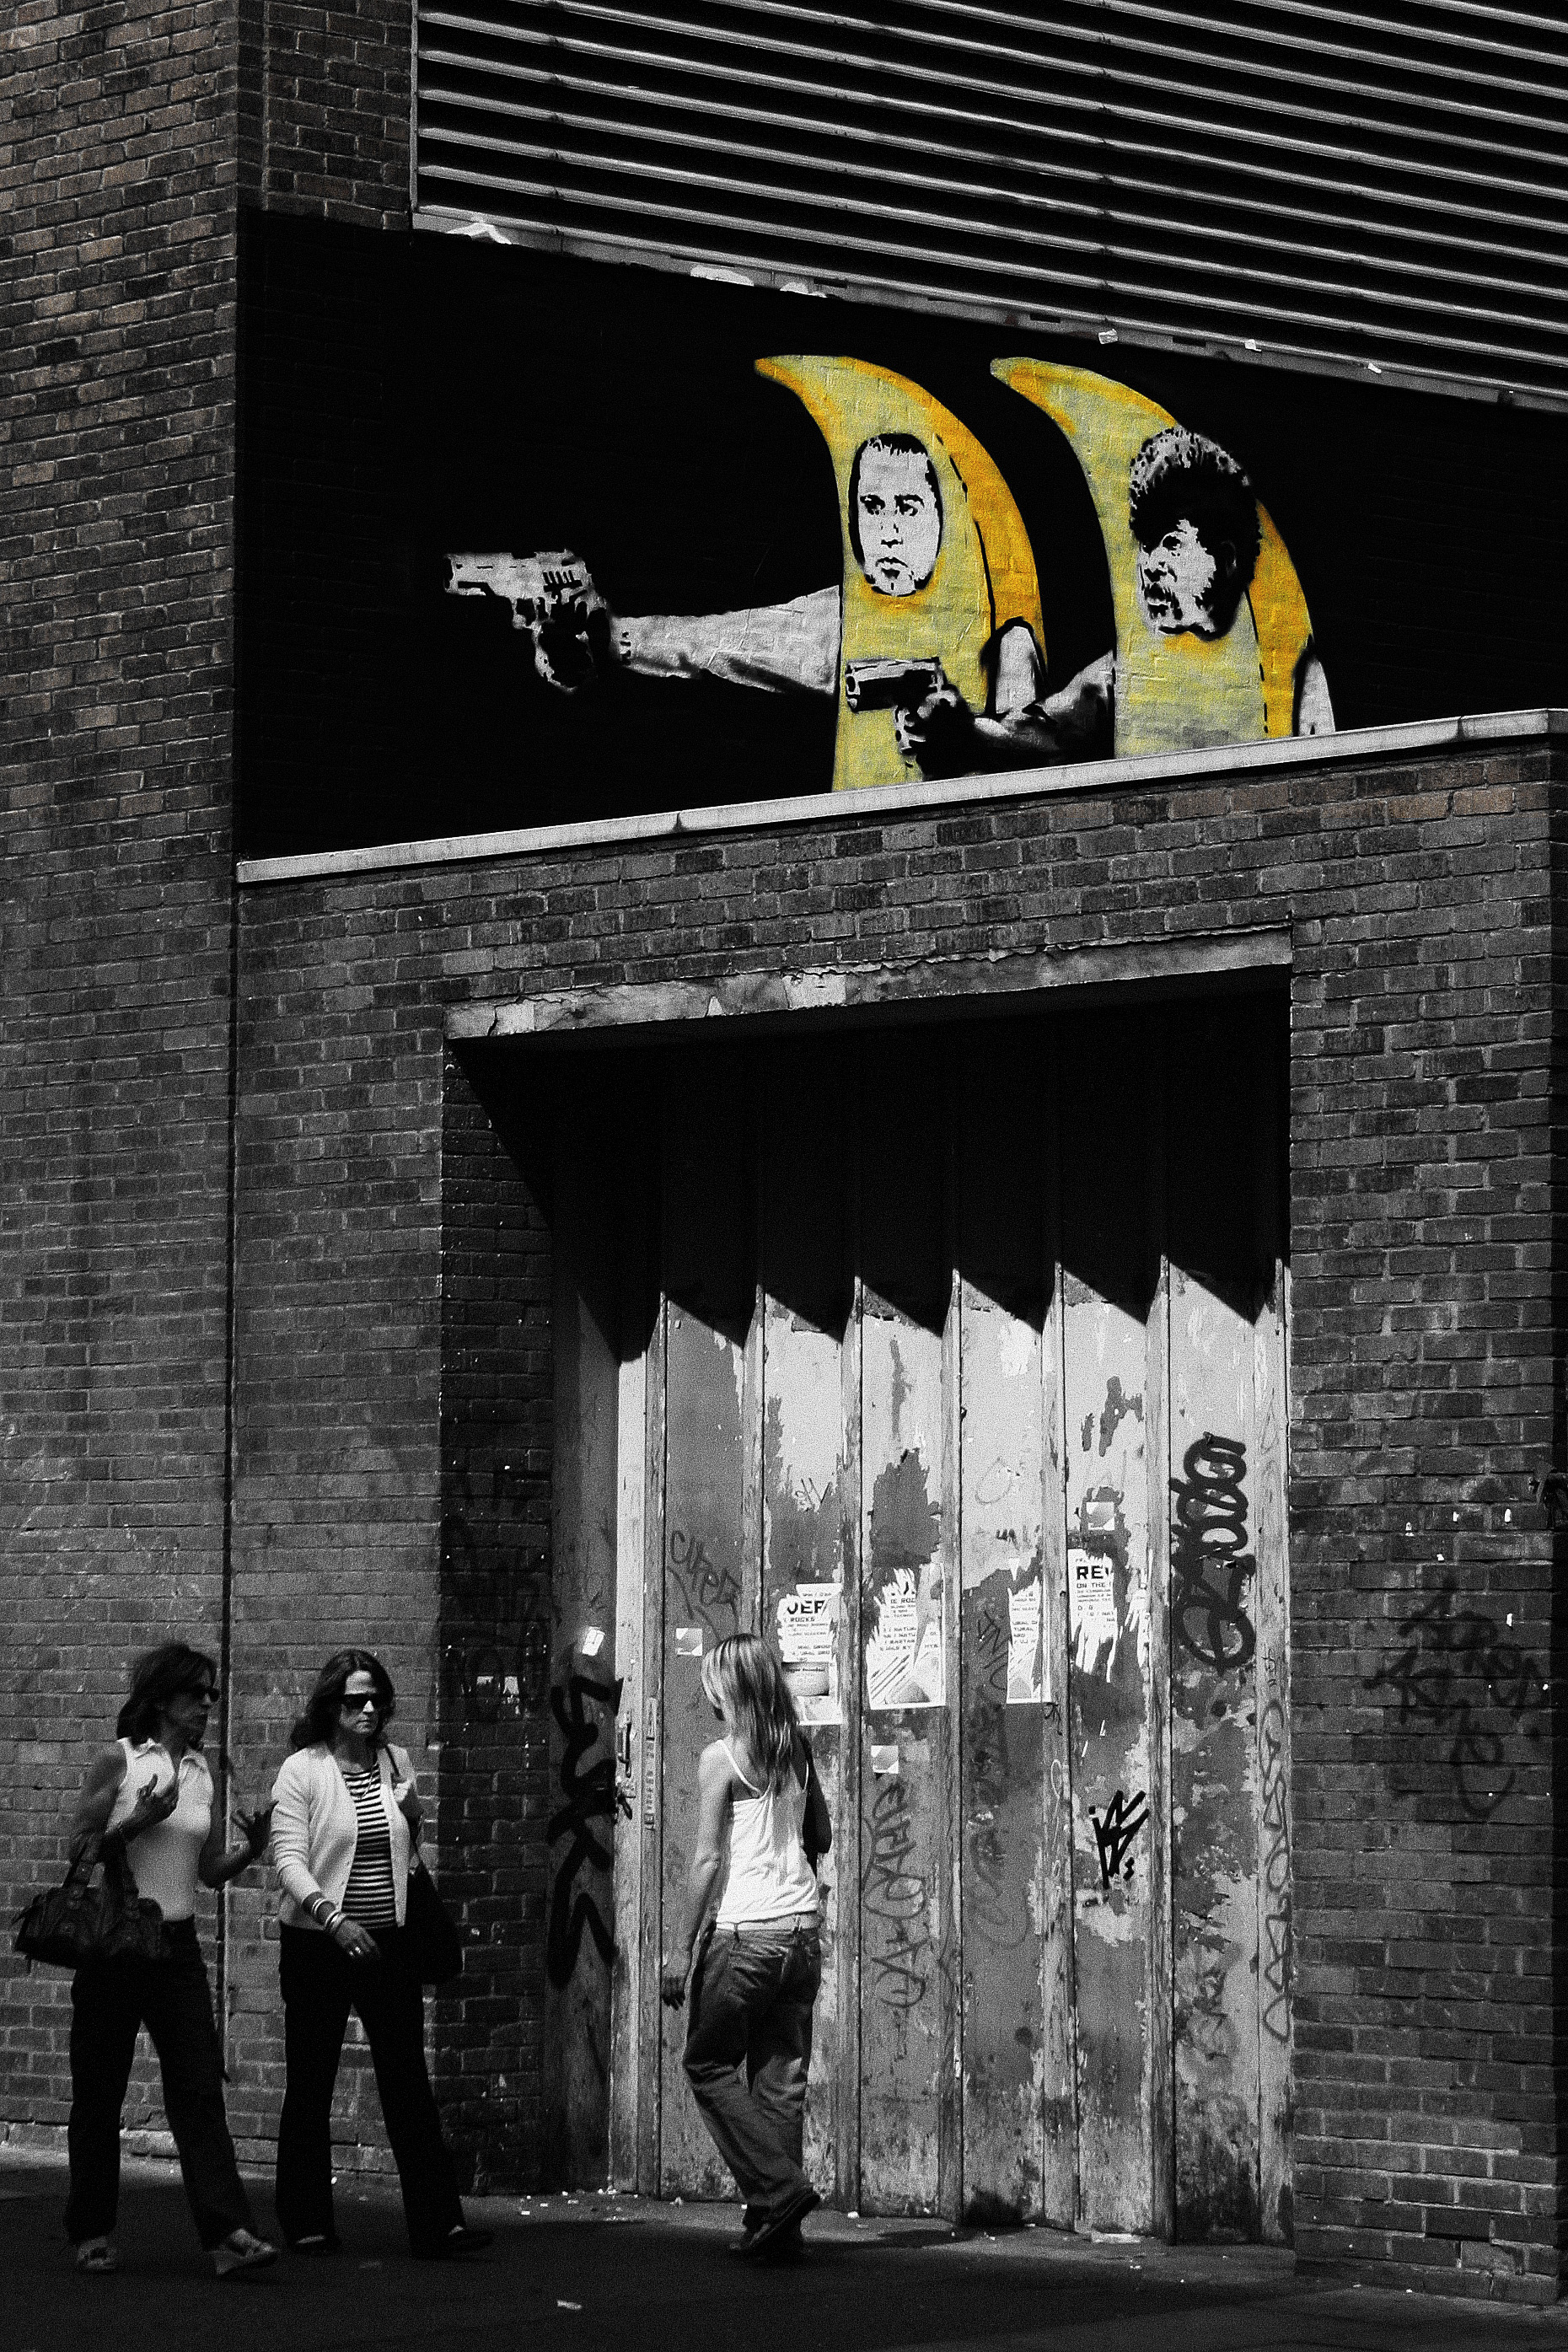 High Resolution Wallpaper | Pulp Fiction Street Art 1860x2790 px